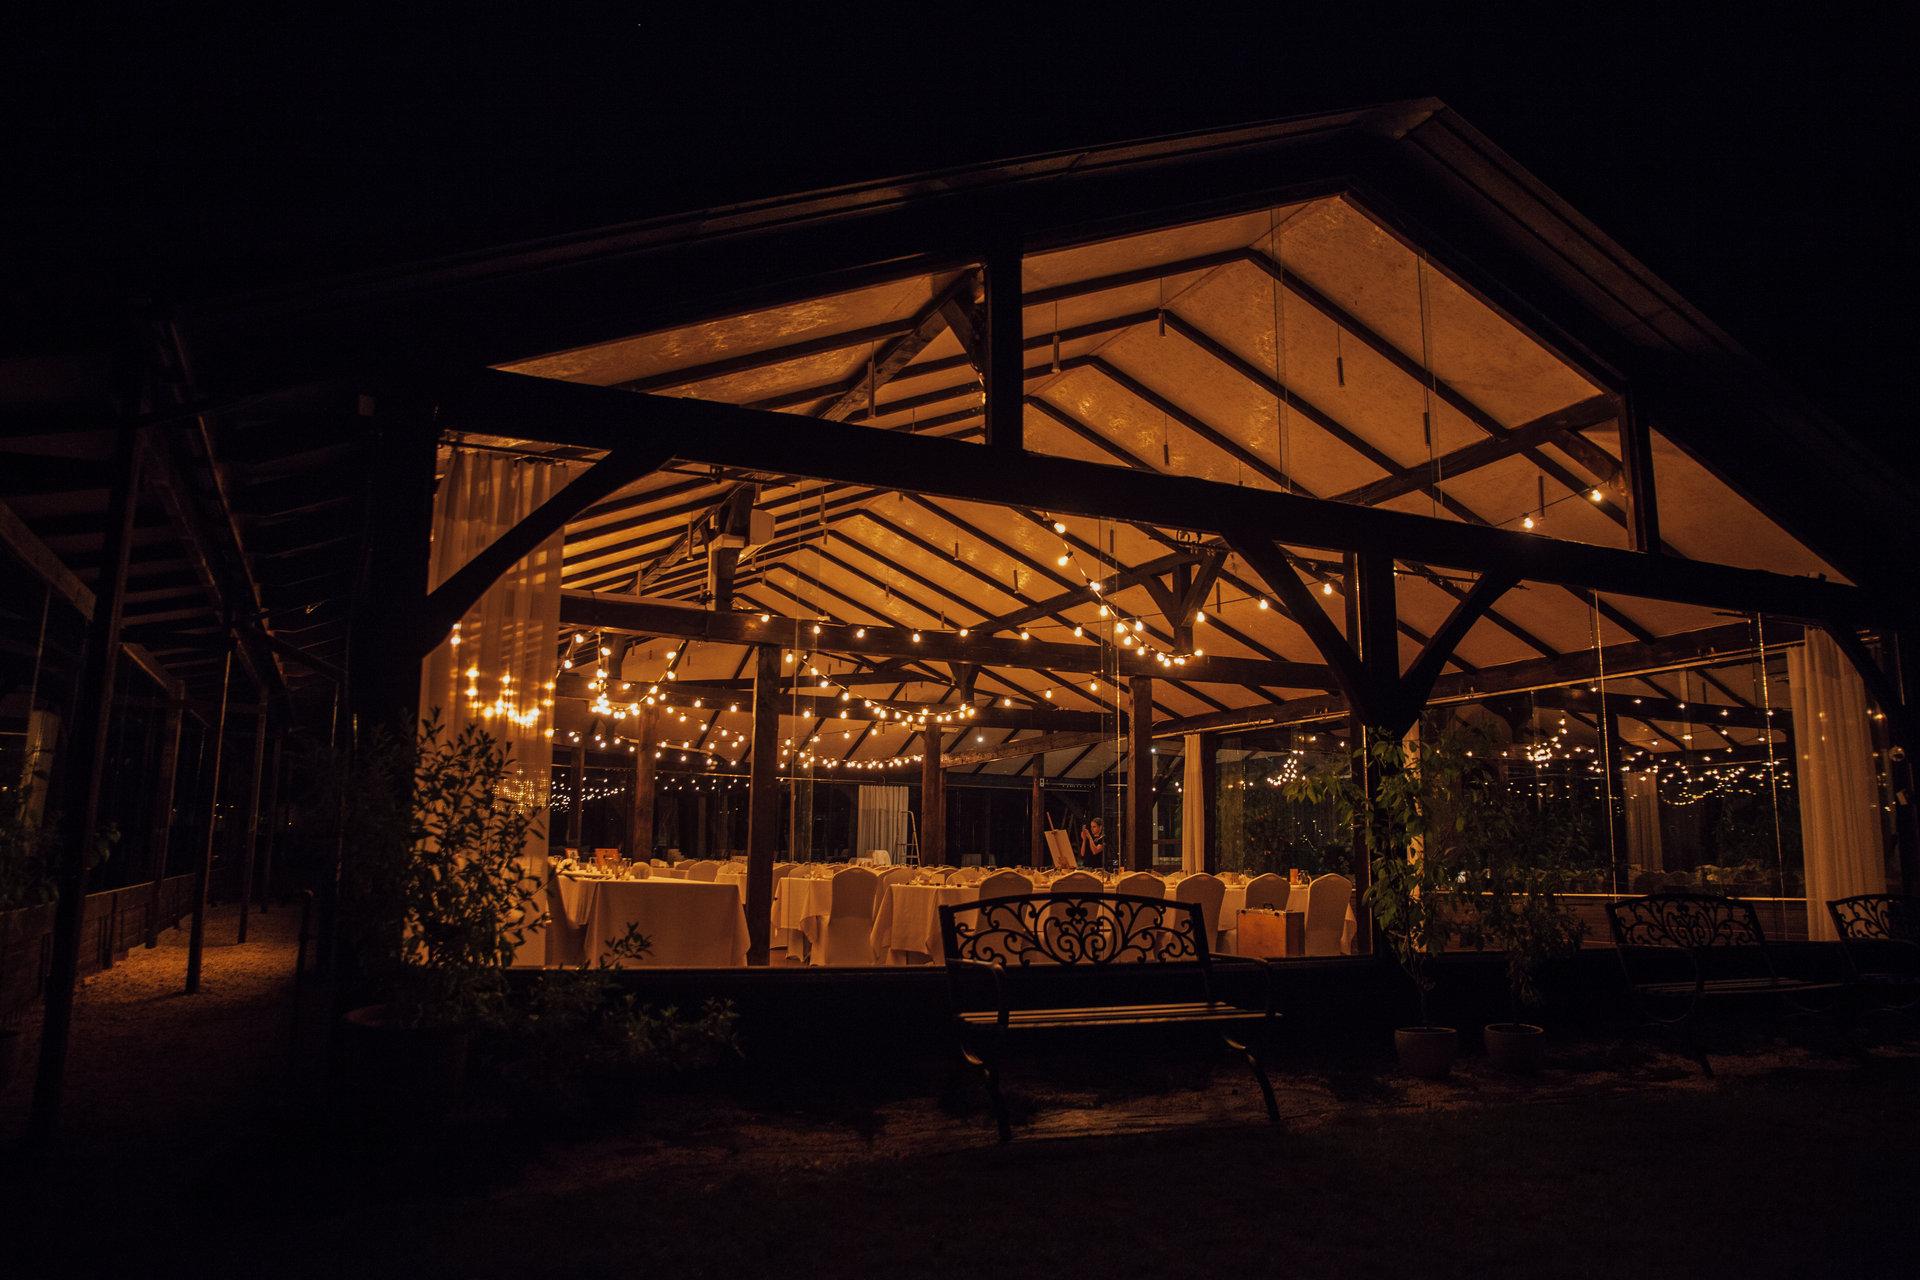 wesele w stodole, szklana stodoła